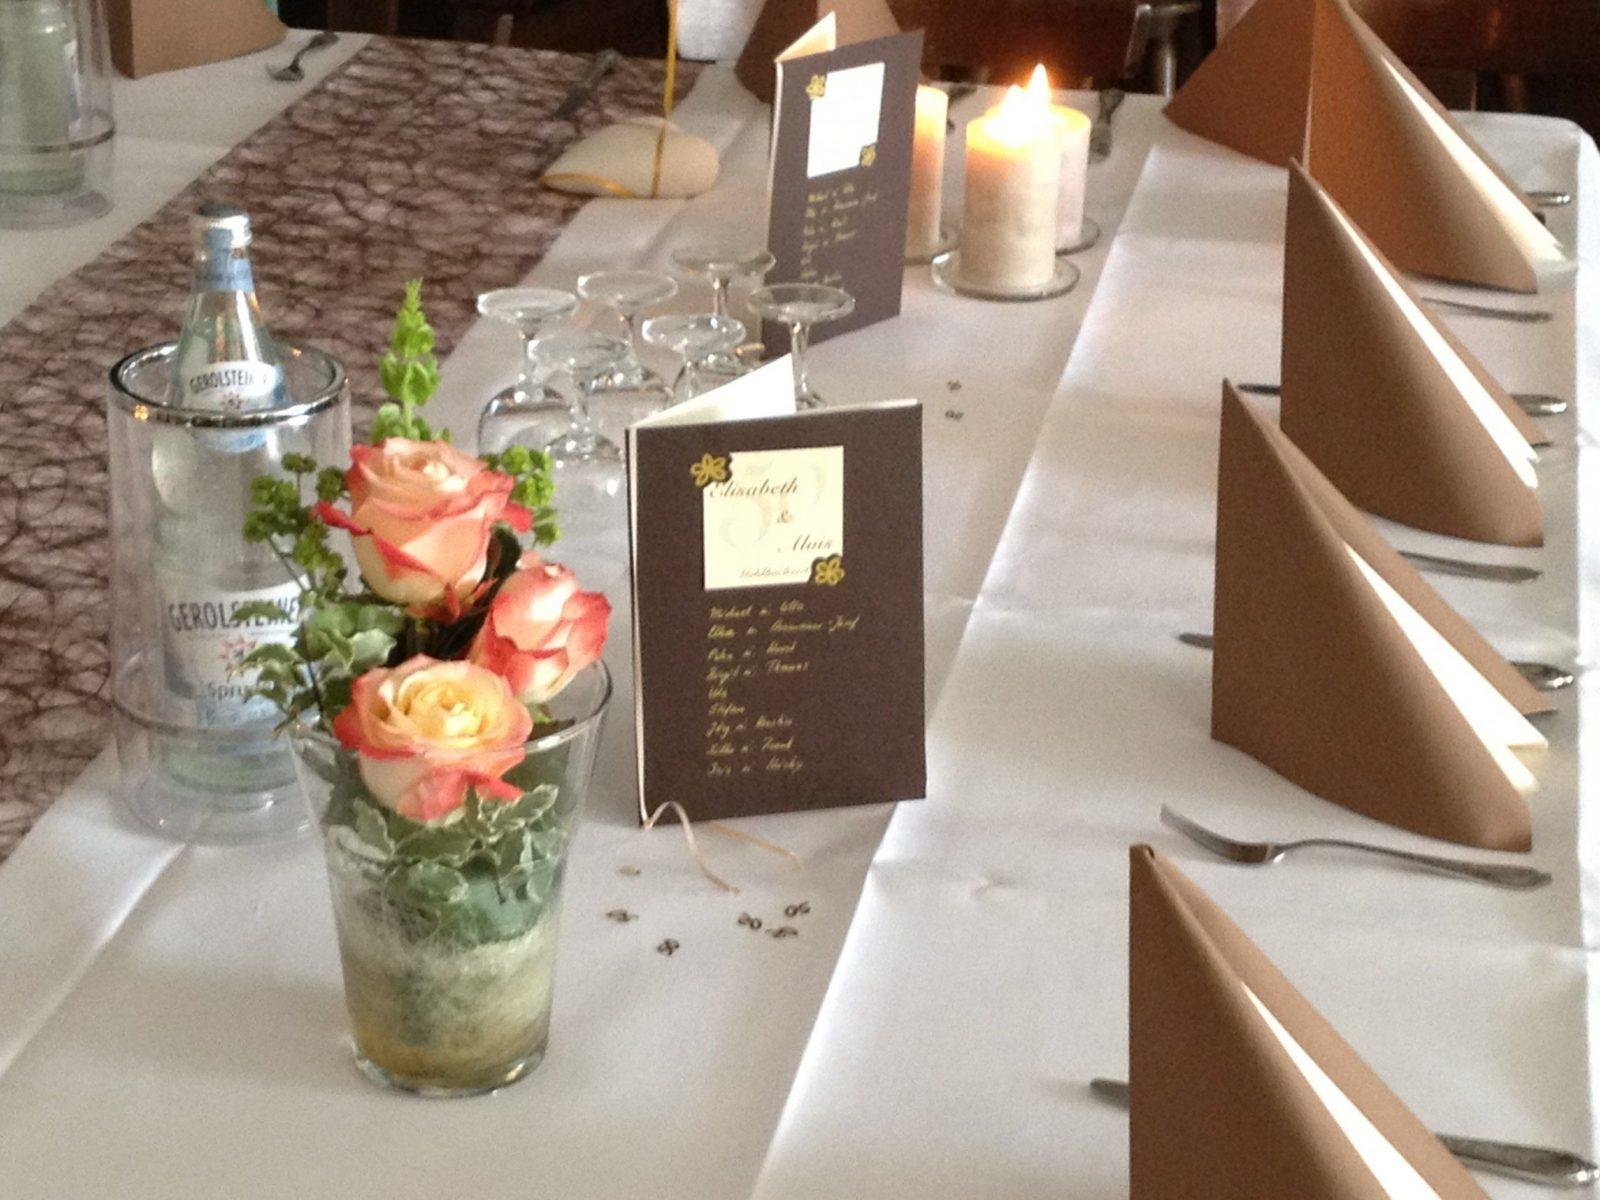 39 Excellent Sammlung Bezieht Sich Auf Tischdeko Zur Goldenen von Tischdeko Zur Goldenen Hochzeit Bild